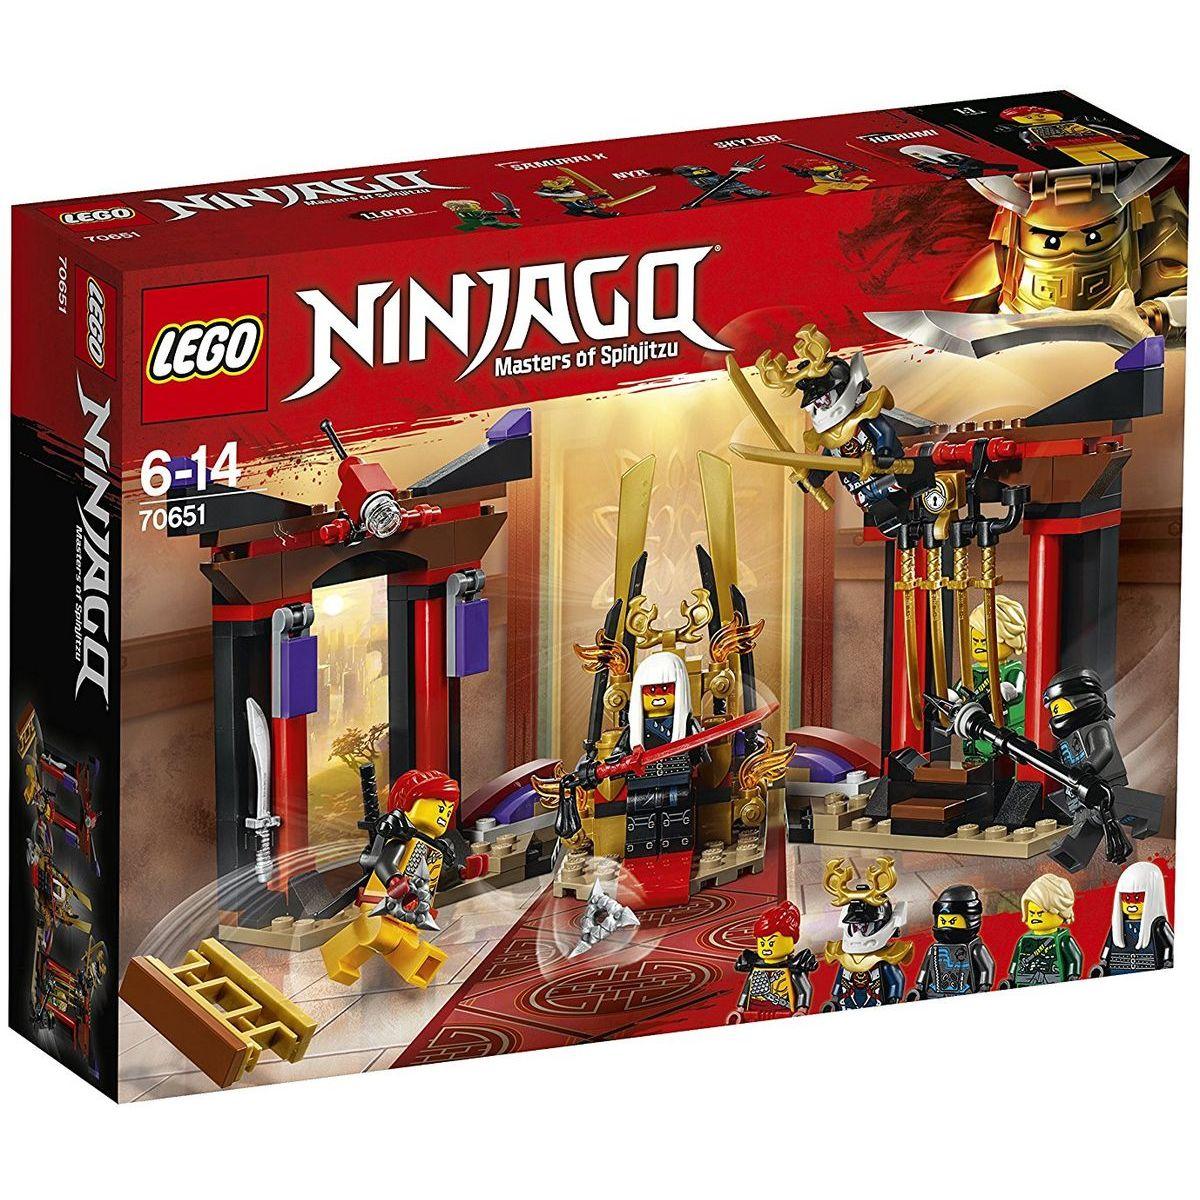 LEGO Ninjago 70651 Súboj v trónnej sále - Poškodený obal